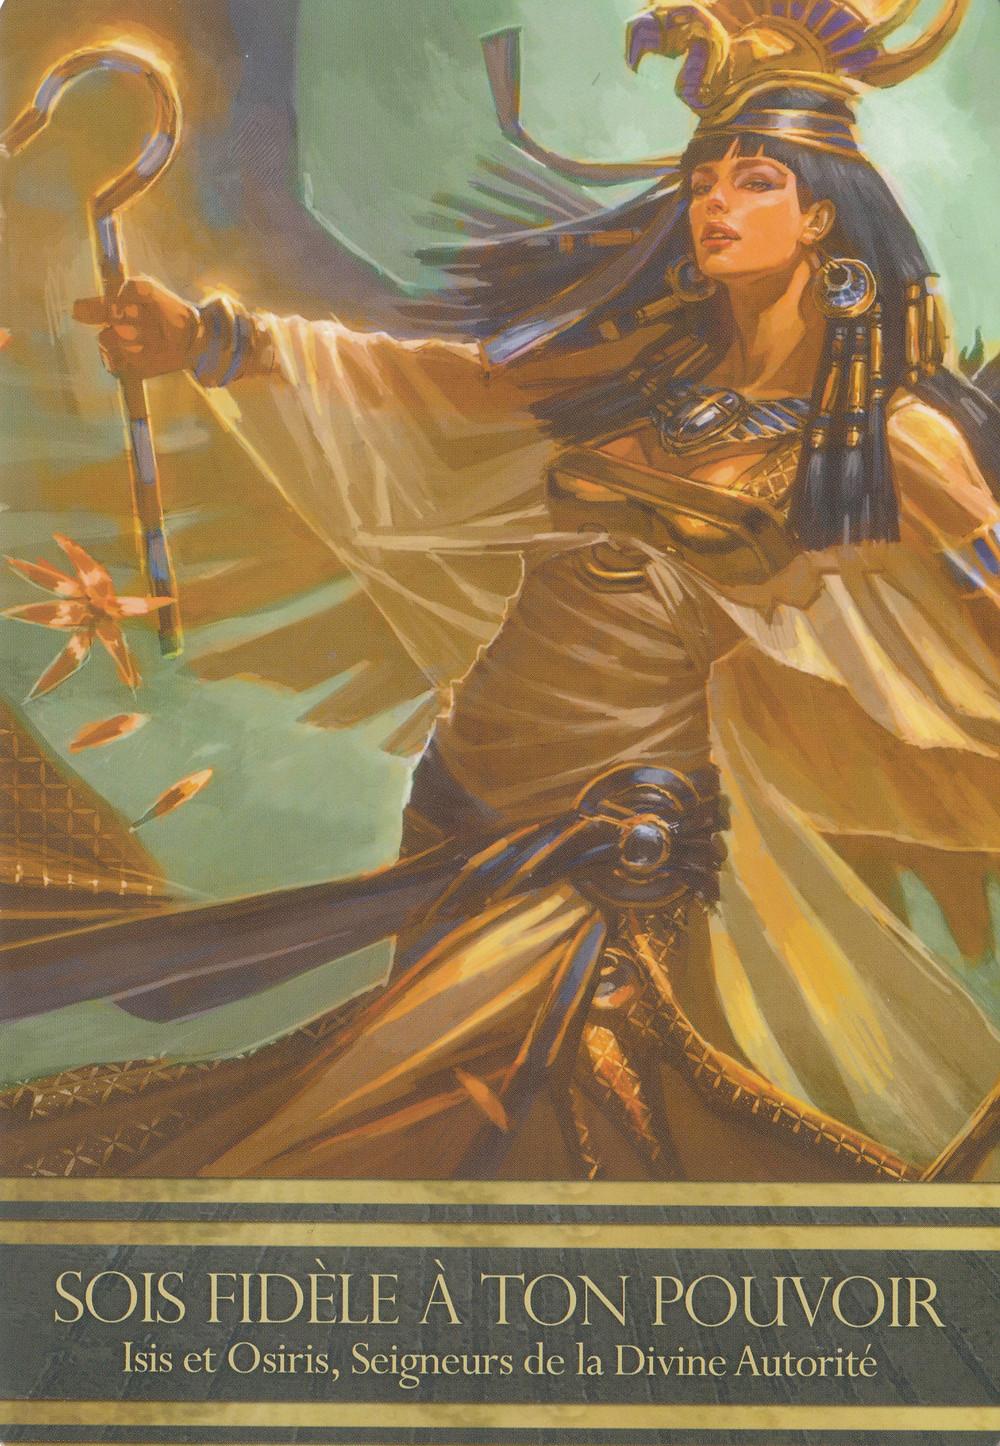 Carte de L'Oracle d'Isis, d'Alana Fairchild - Sois fidèle à ton Pouvoir - Energies de la semaine du 18 au 24 novembre 2019: Être fidèle à son Pouvoir en honorant sa Vérité...